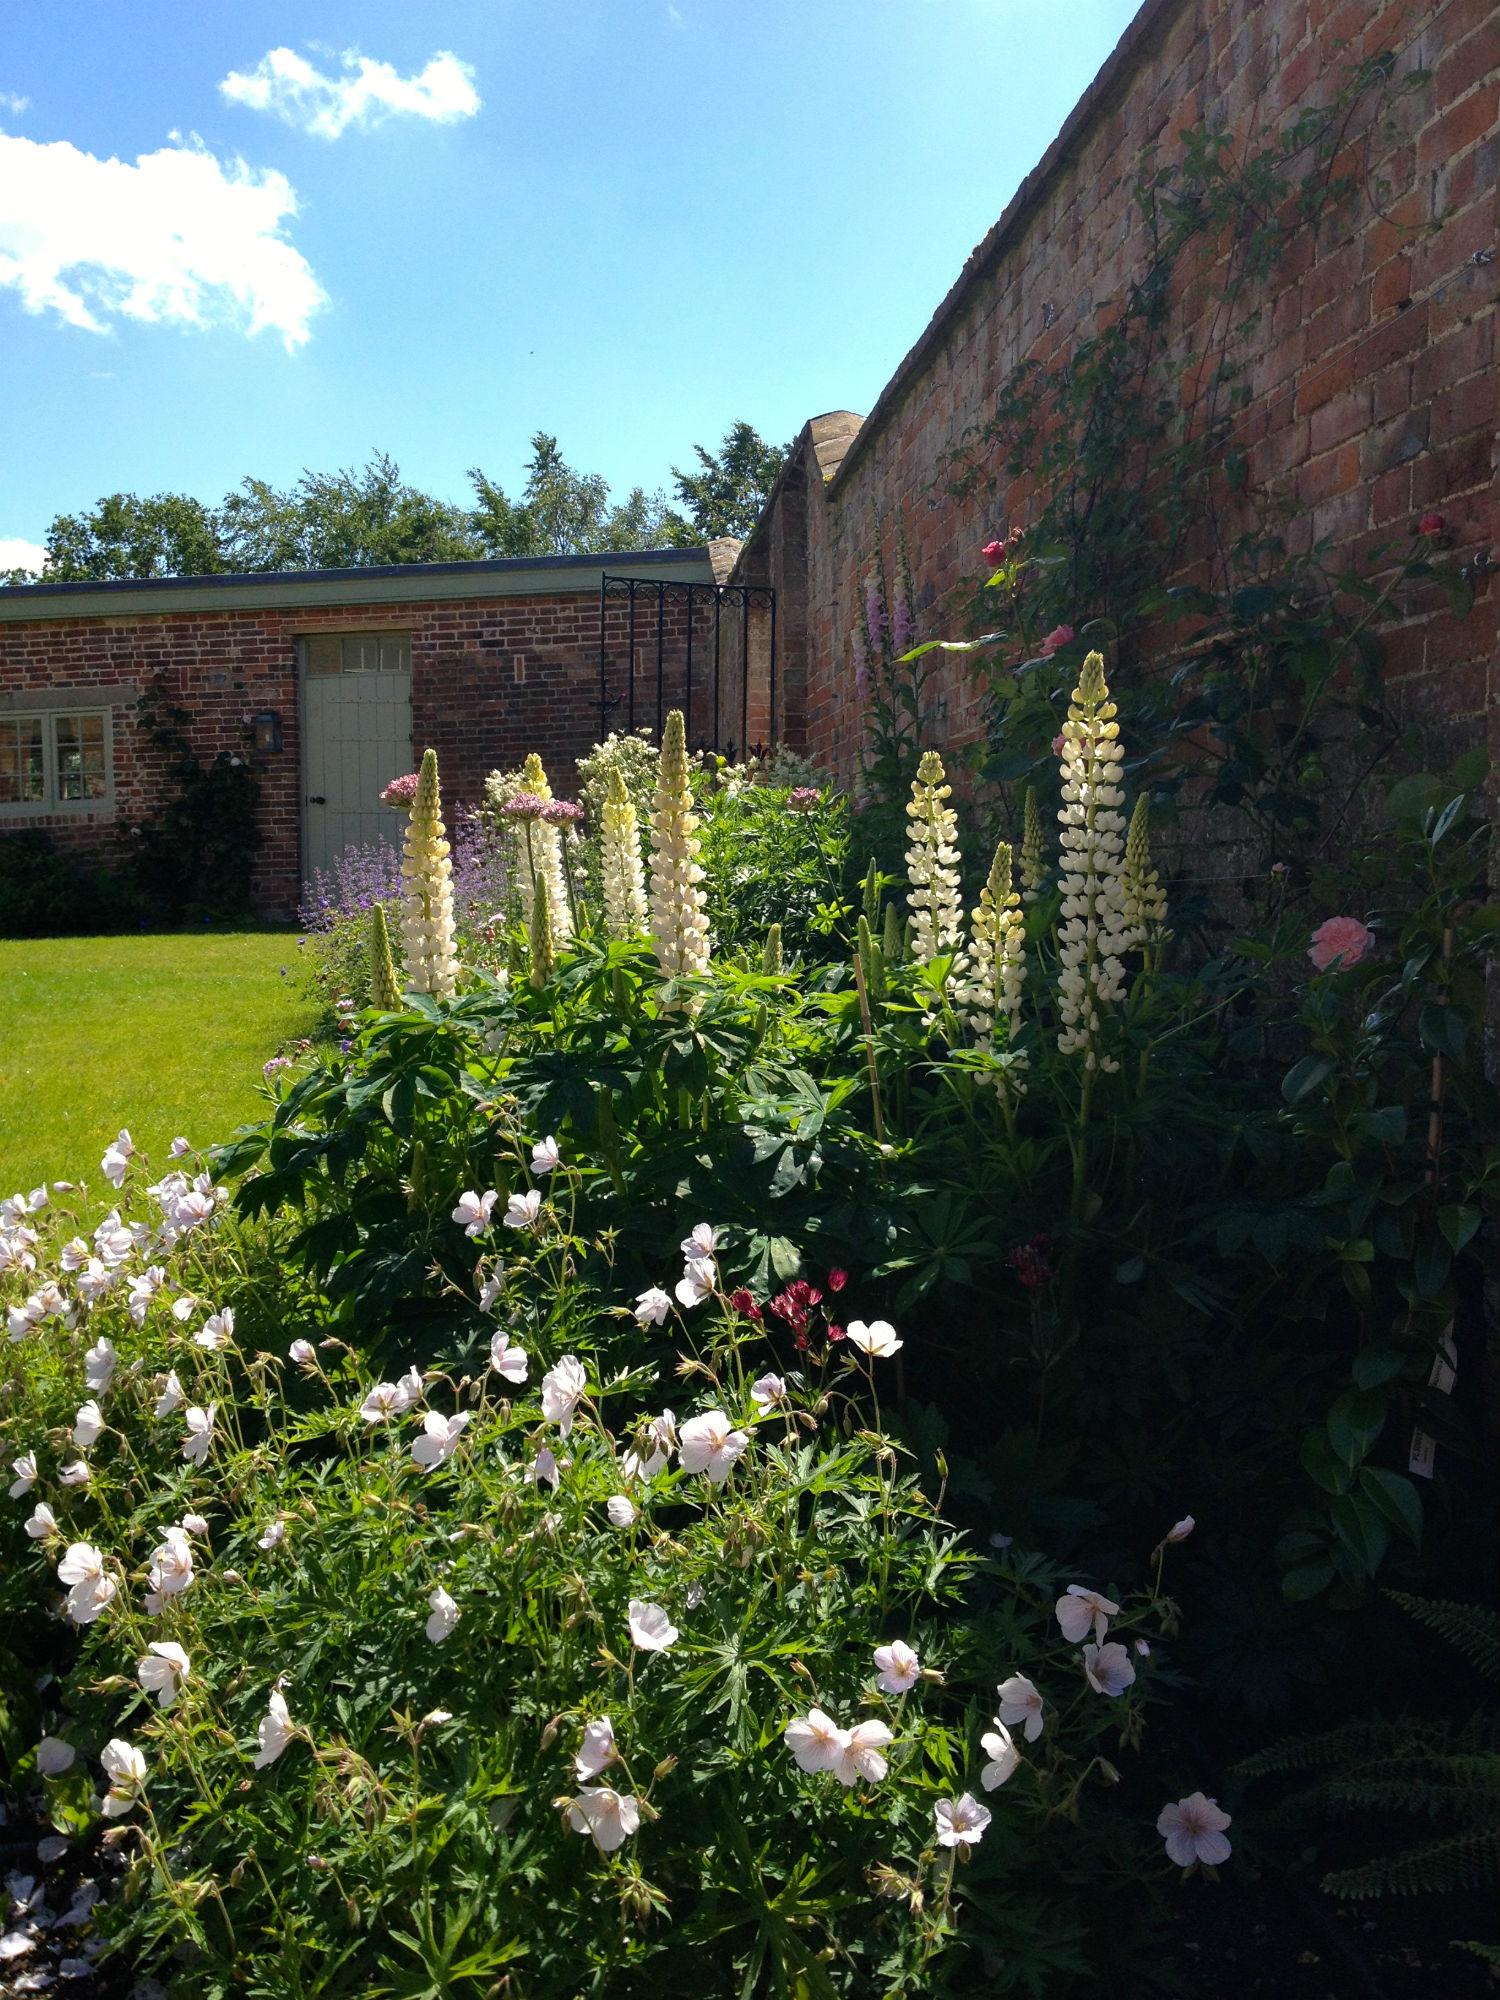 Country estate hampshire amy perkins garden design for Garden design hampshire